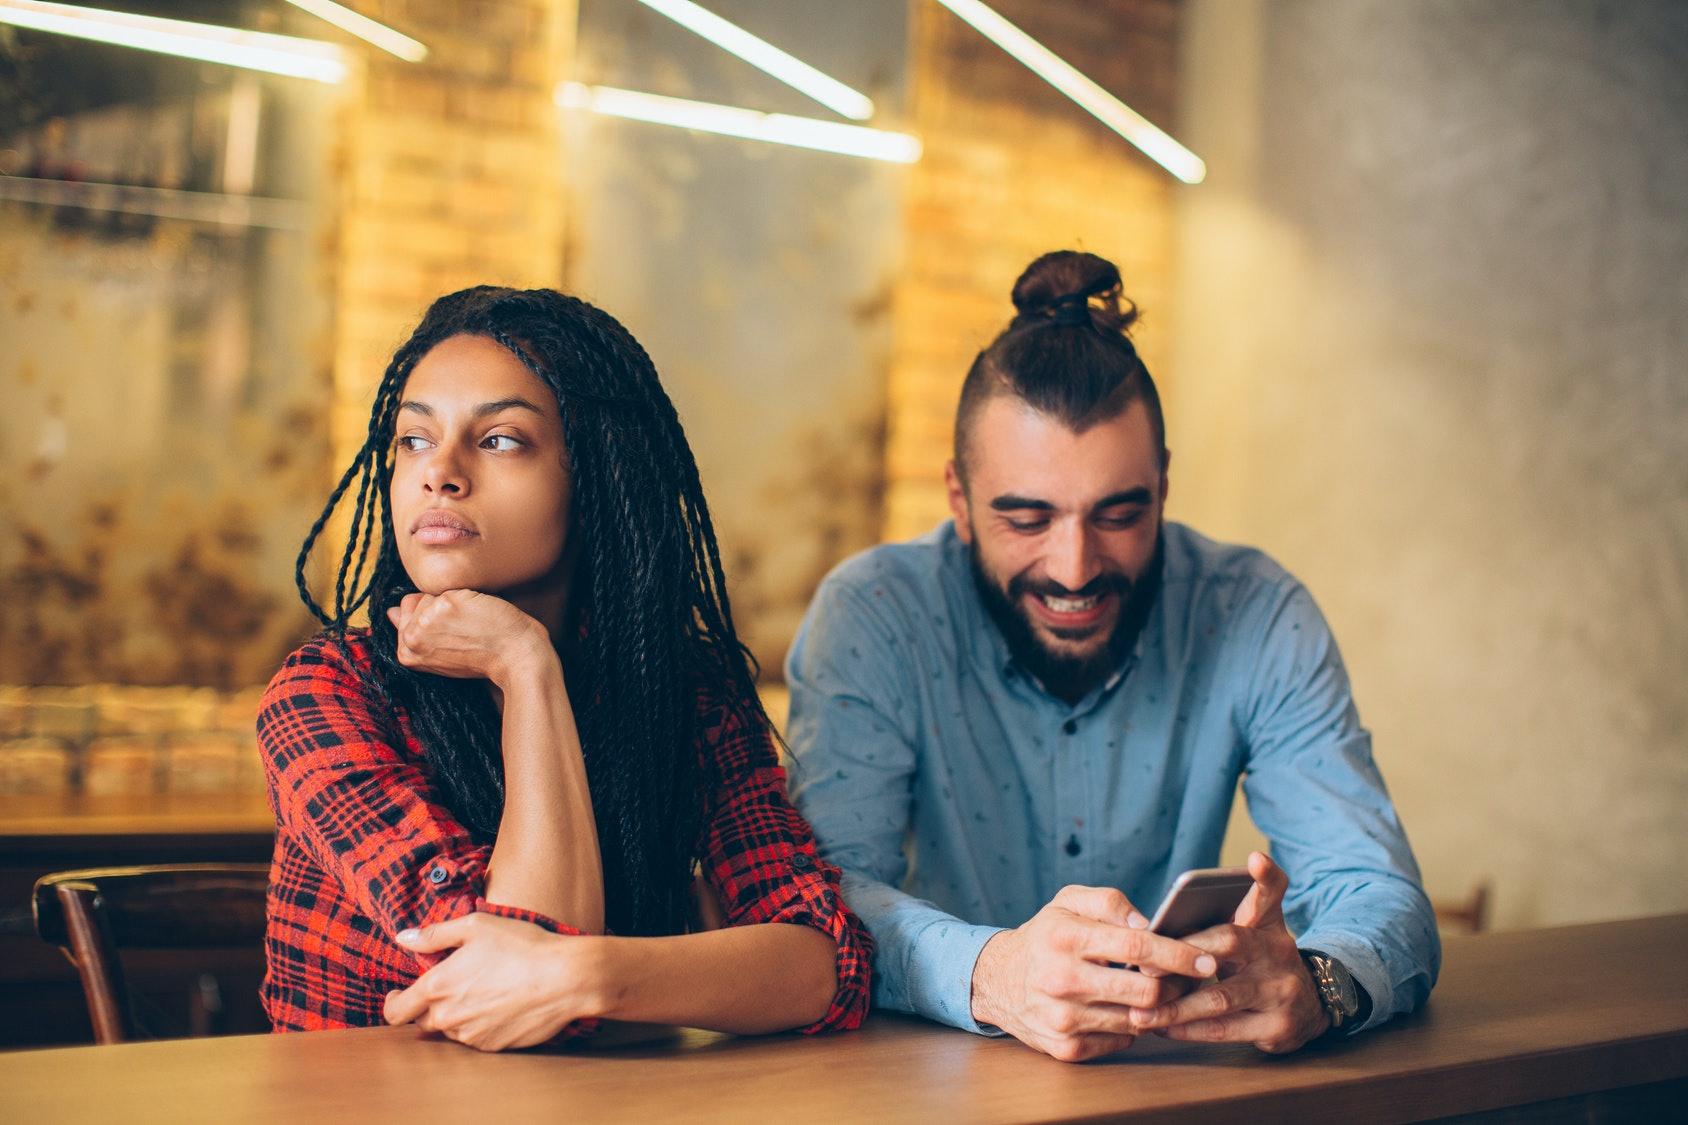 frenesi dating app 25 år gammal kvinna dating en 40 år gammal man